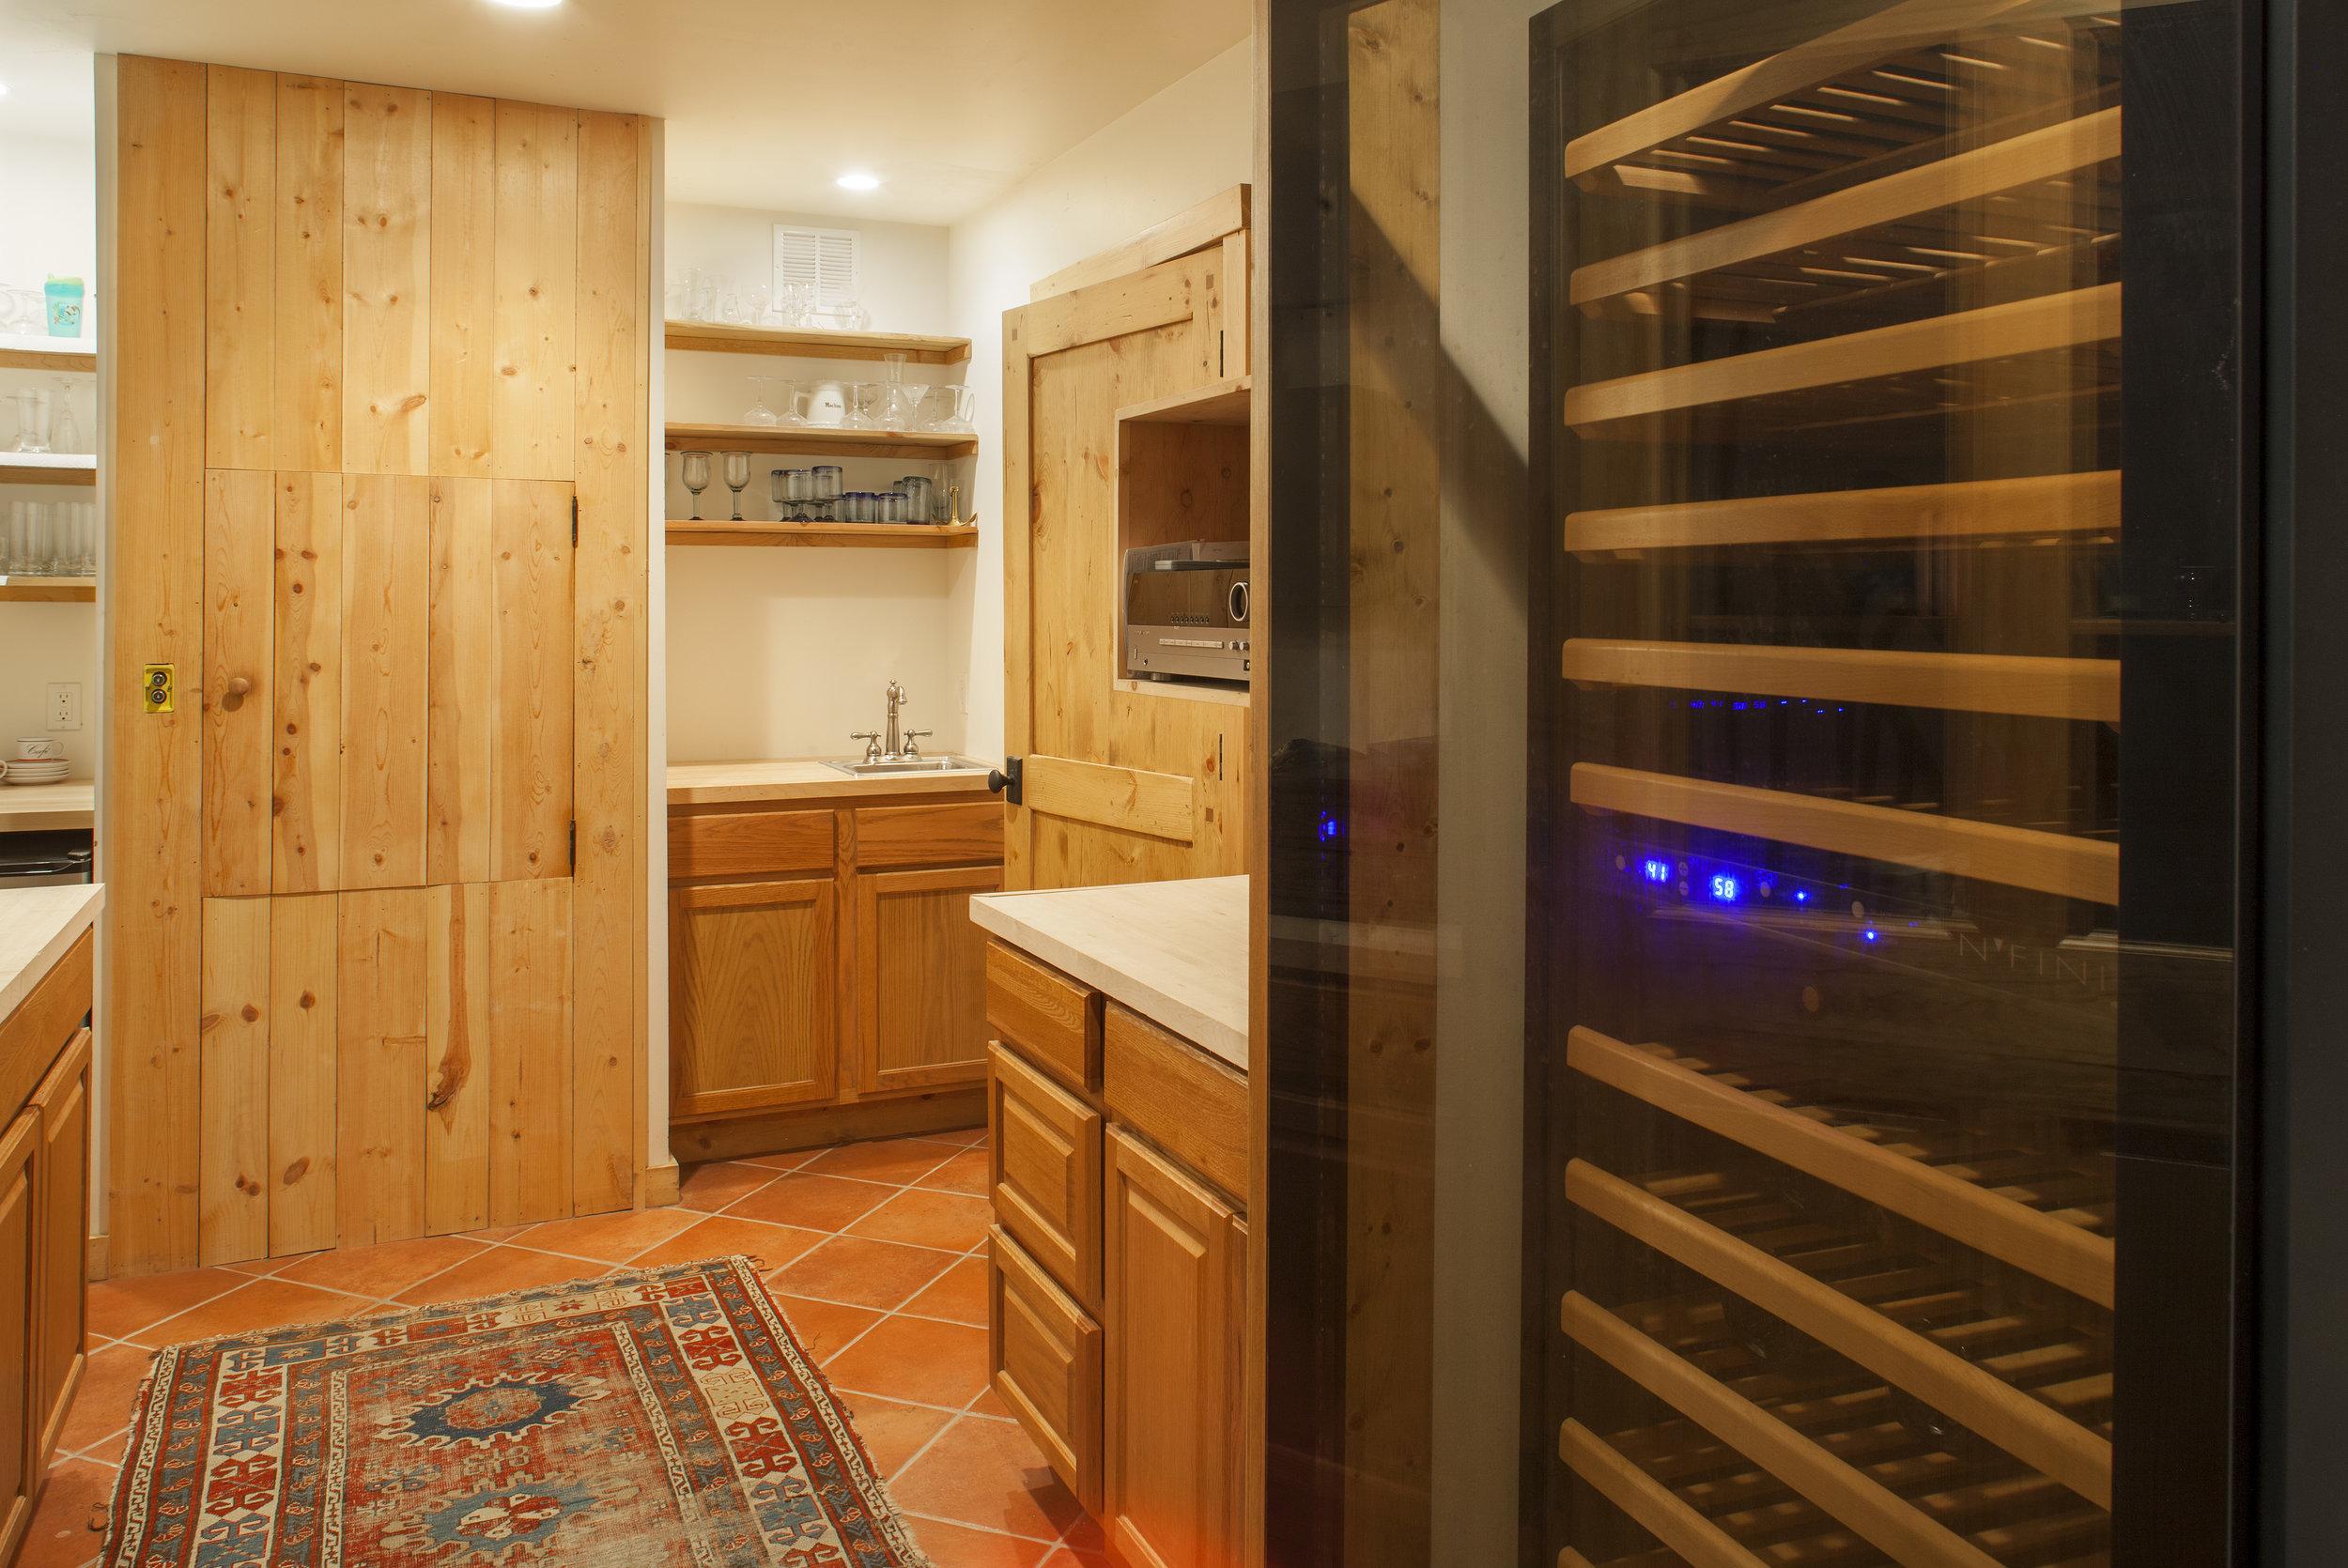 Wine Storage and Dumbwaiter